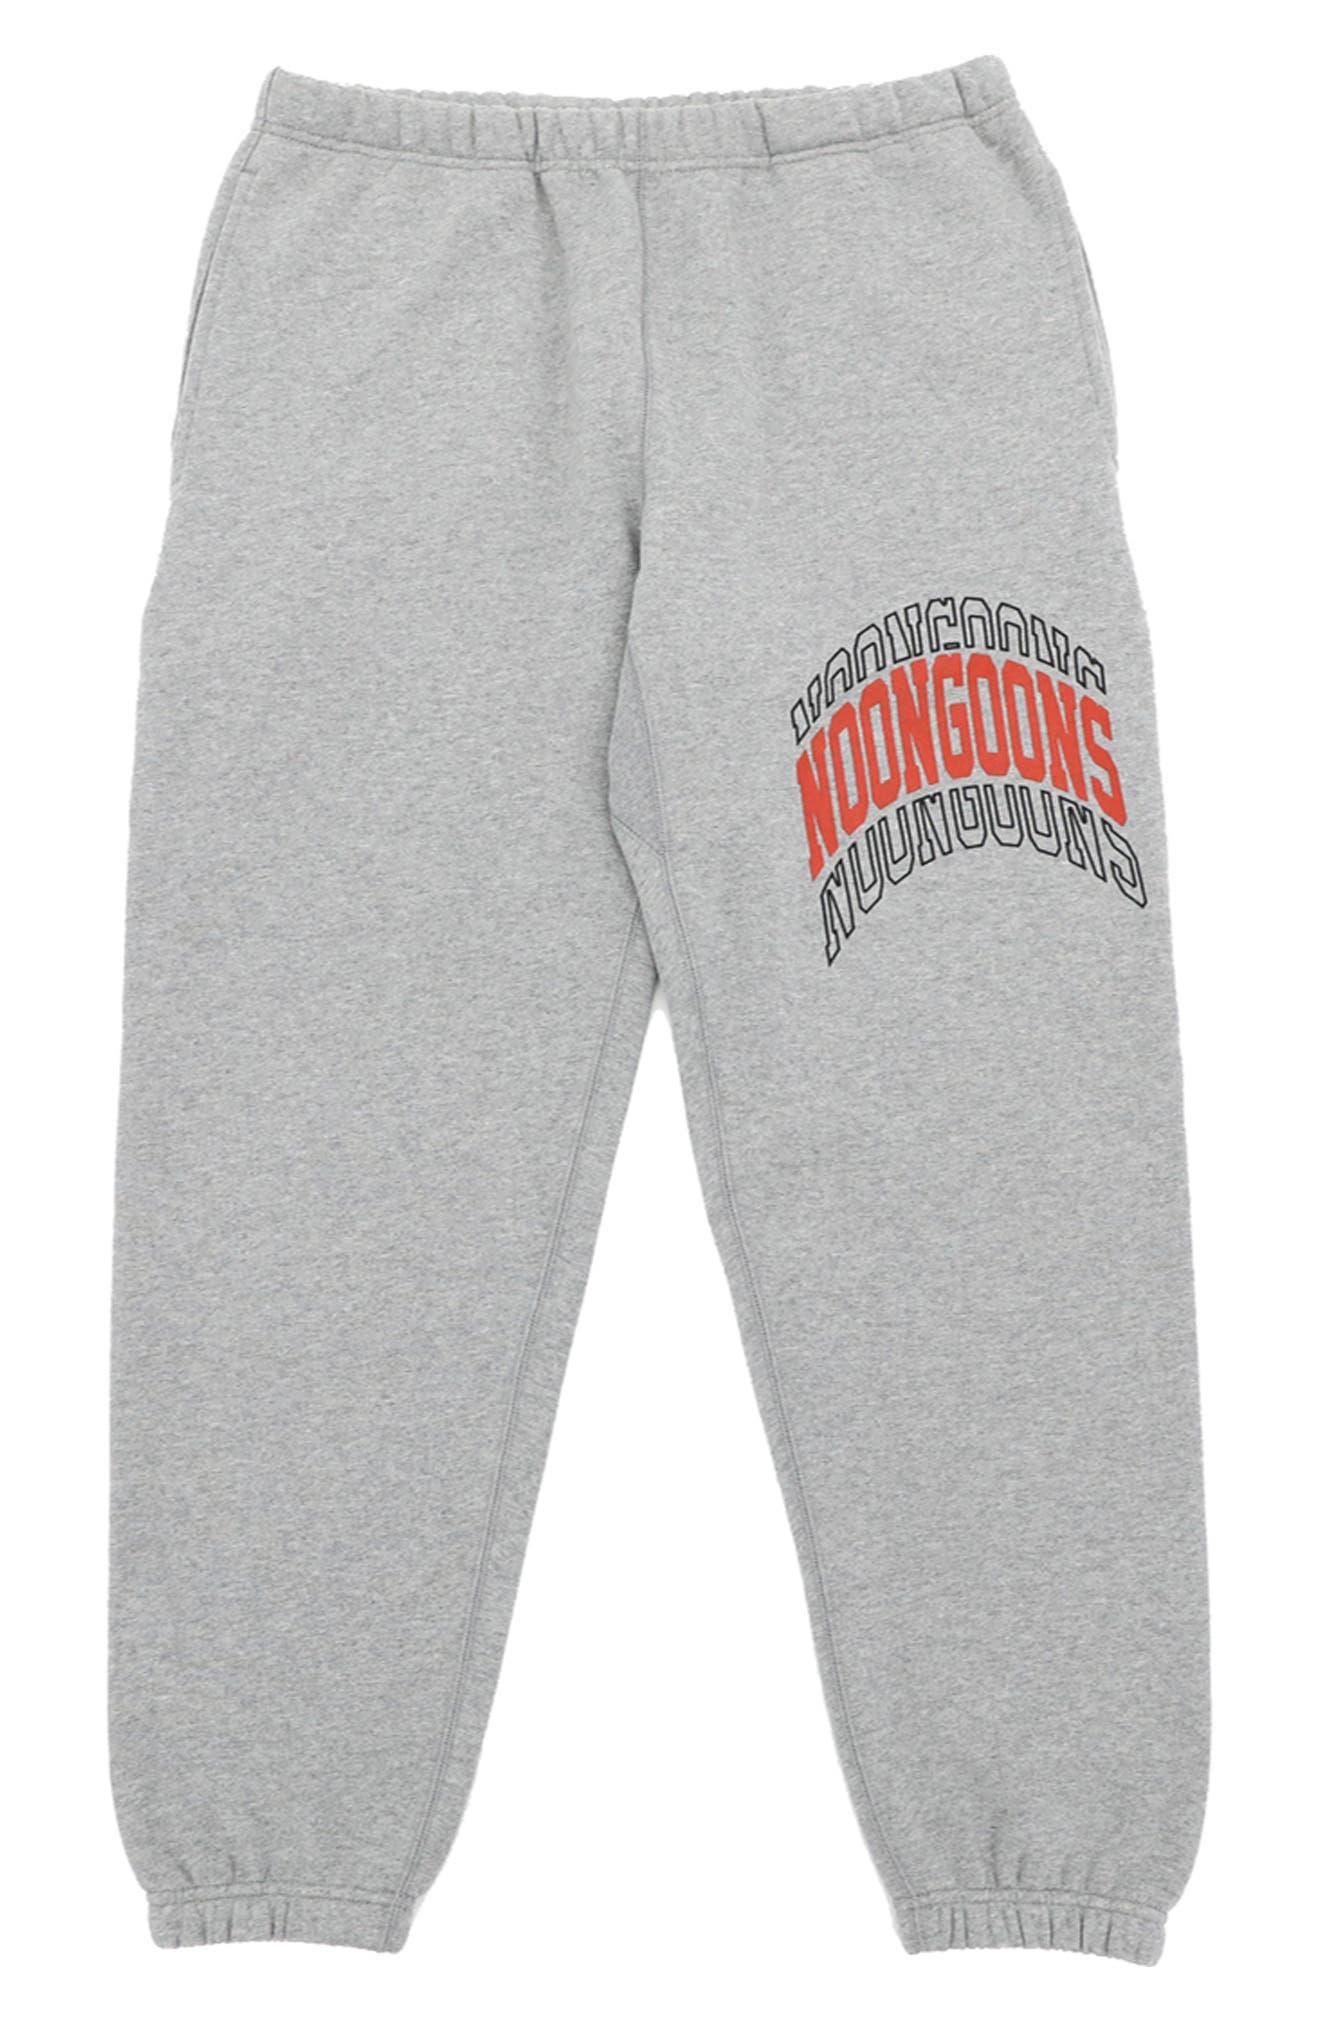 Men's Noon Goons Double Vision Men's Sweatpants